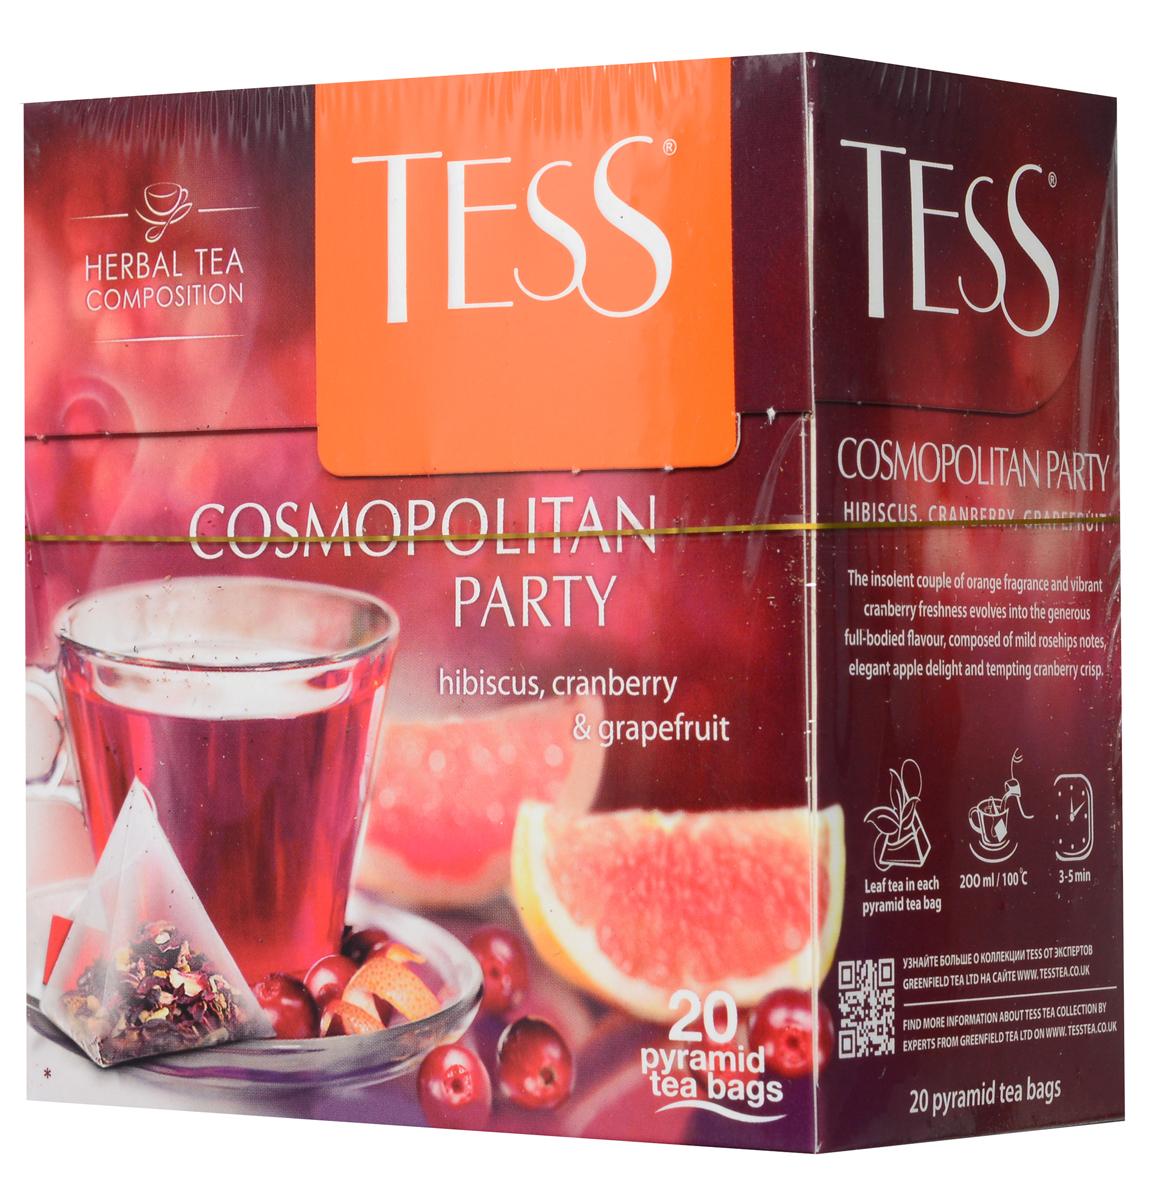 Tess Cosmopolitan Party травяной чай в пирамидках, 20 шт1008-12Дерзкое сочетание апельсинового аромата и яркой свежести клюквы находит продолжение в щедром насыщенном вкусе травяного чая Tess Cosmopolitan Party, сложенном из мягких нот шиповника, тонкой яблочной сладости и заманчивой кислинки гибискуса